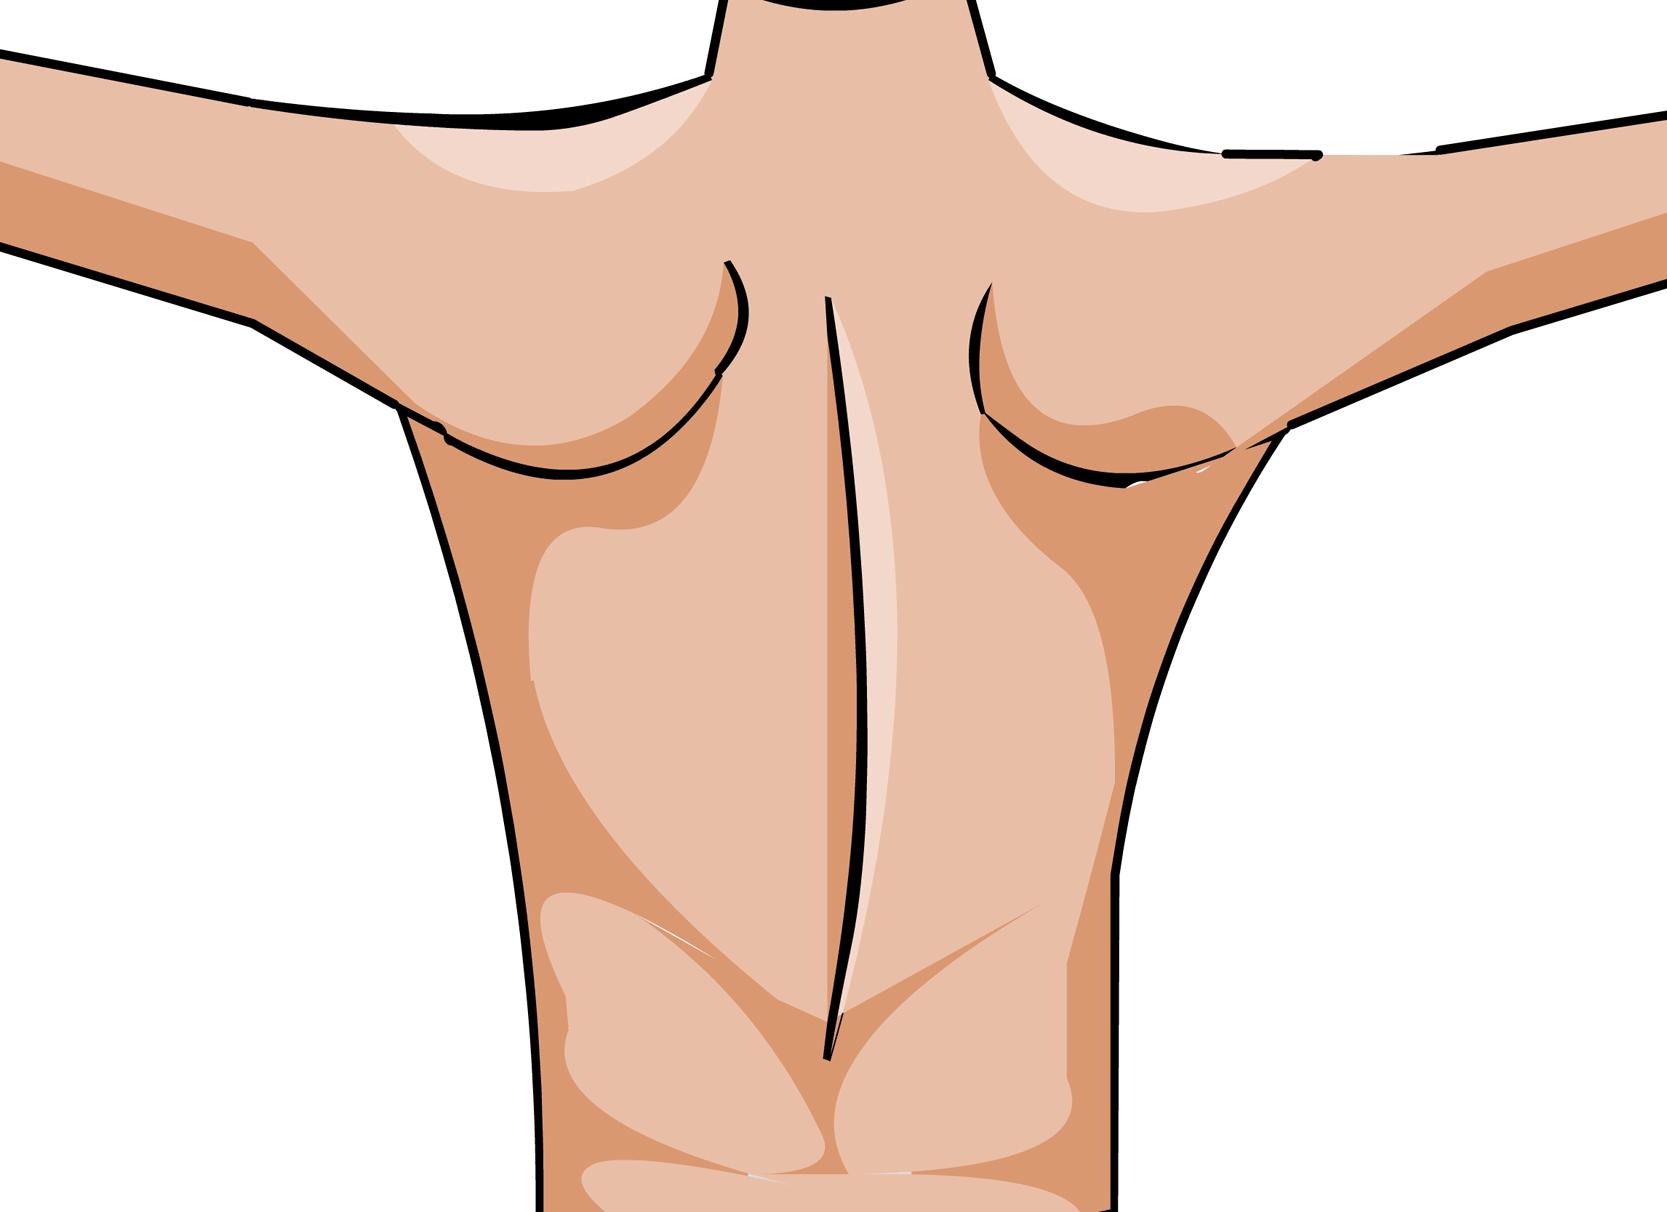 Ist deine Muskulatur schwach, sind Nackenschmerzen nicht weit